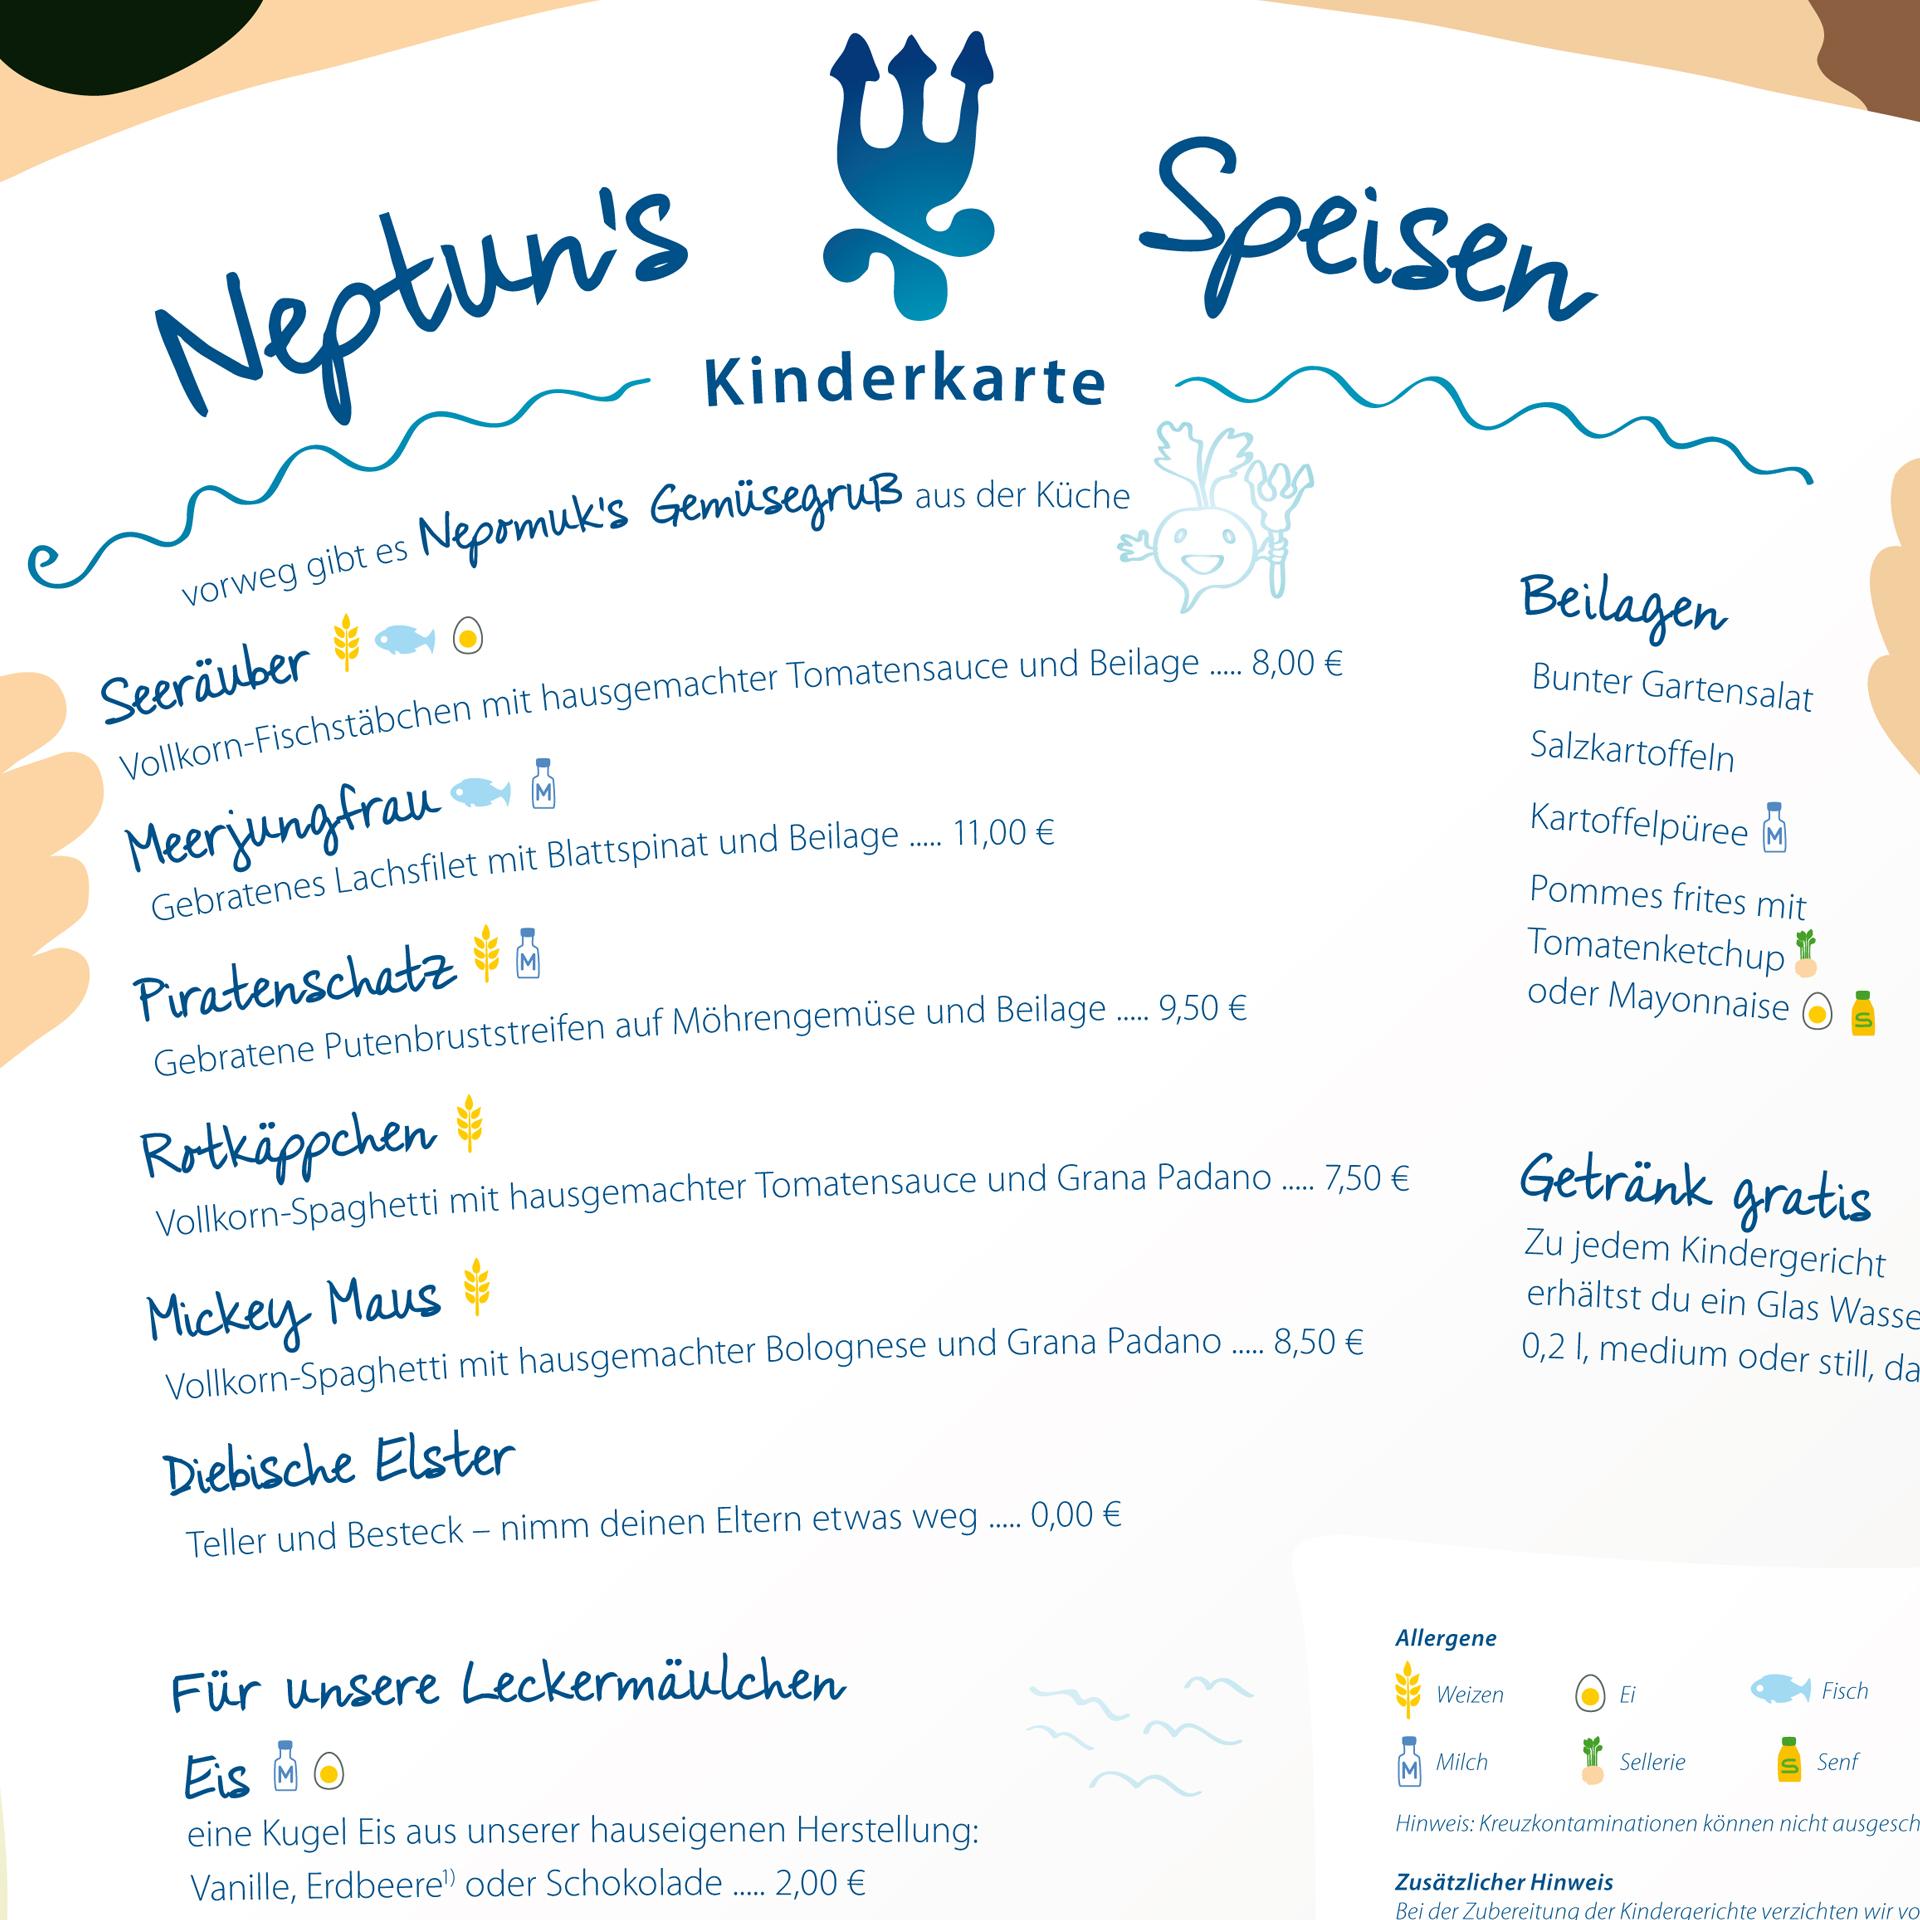 Ausschnitt der Kinderspeisekarte mit Illustrationen für Icons der Allergene